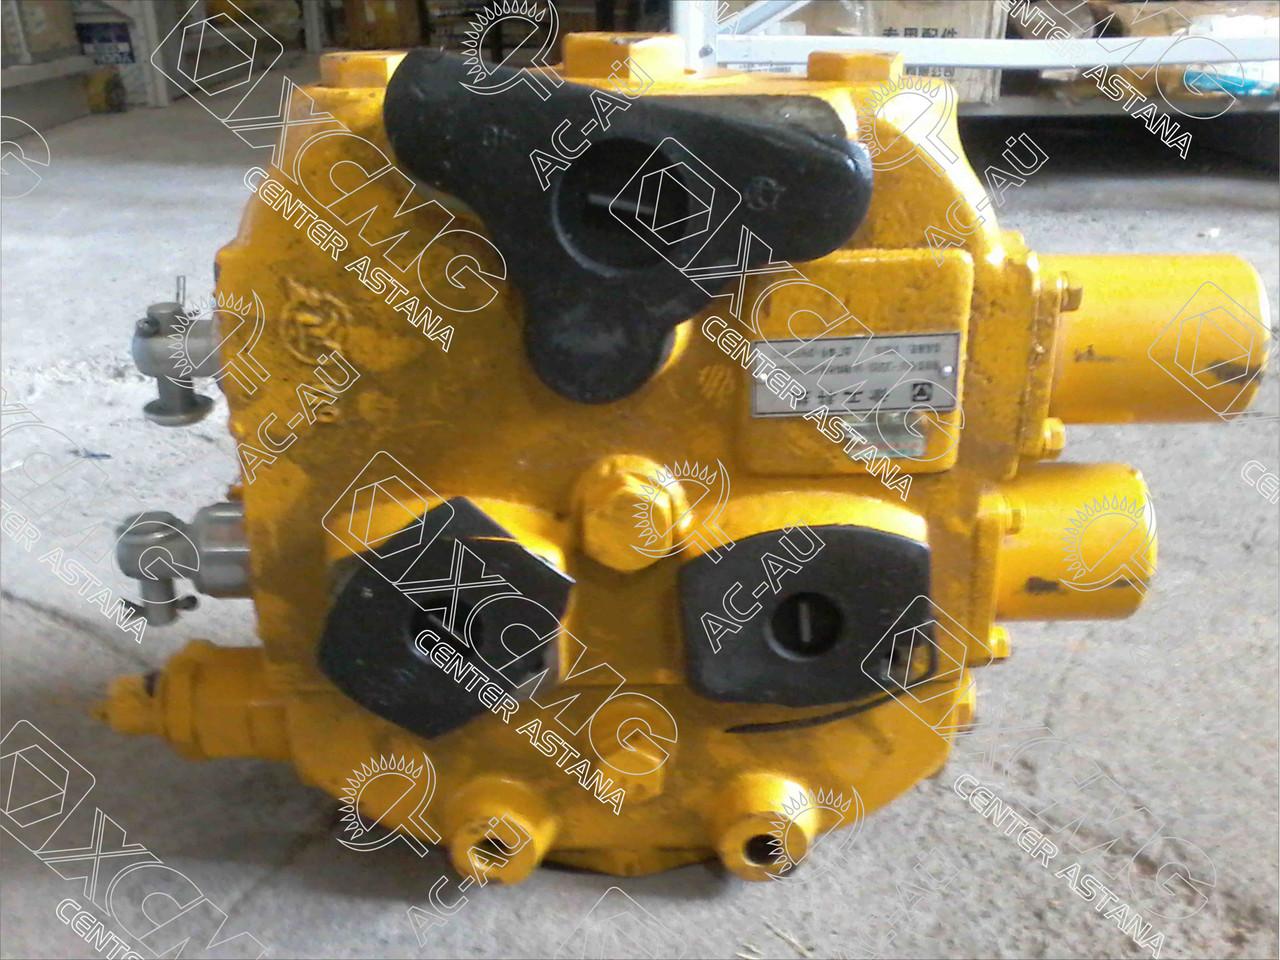 Гидрораспределитель DF25B2-16 5002035 V10016 0905902 LW300